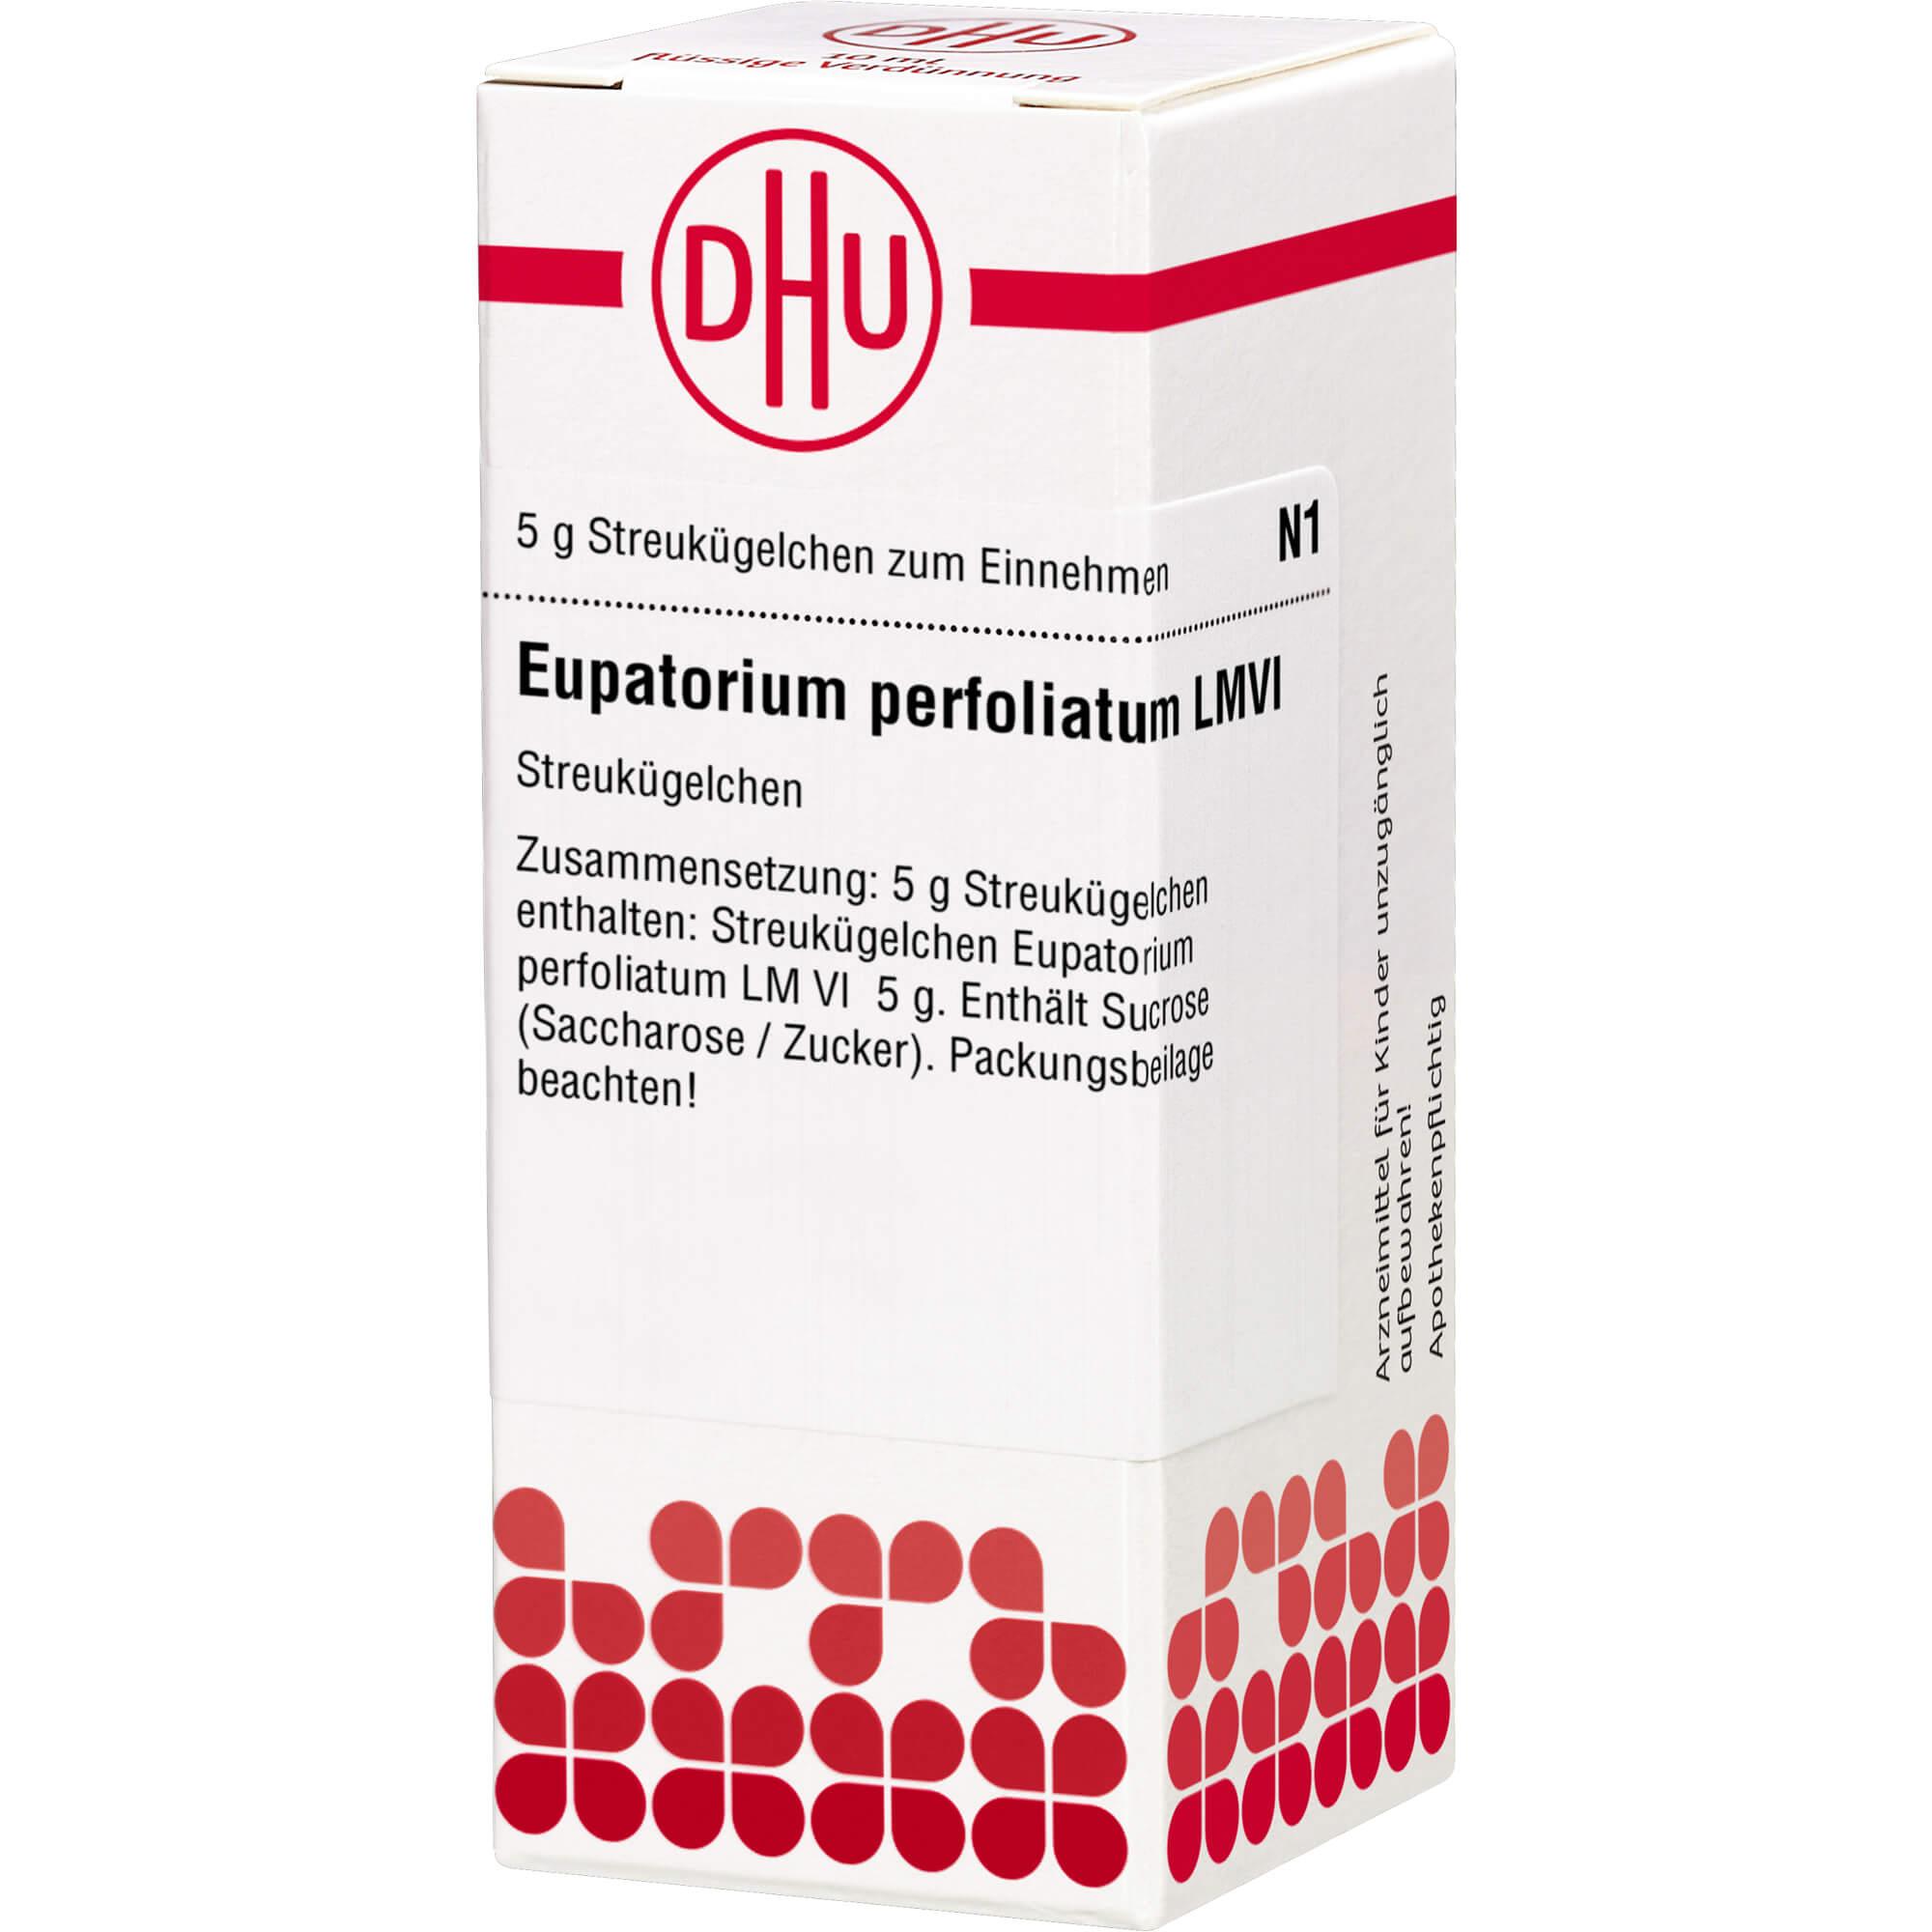 LM EUPATORIUM perfoliatum VI Globuli